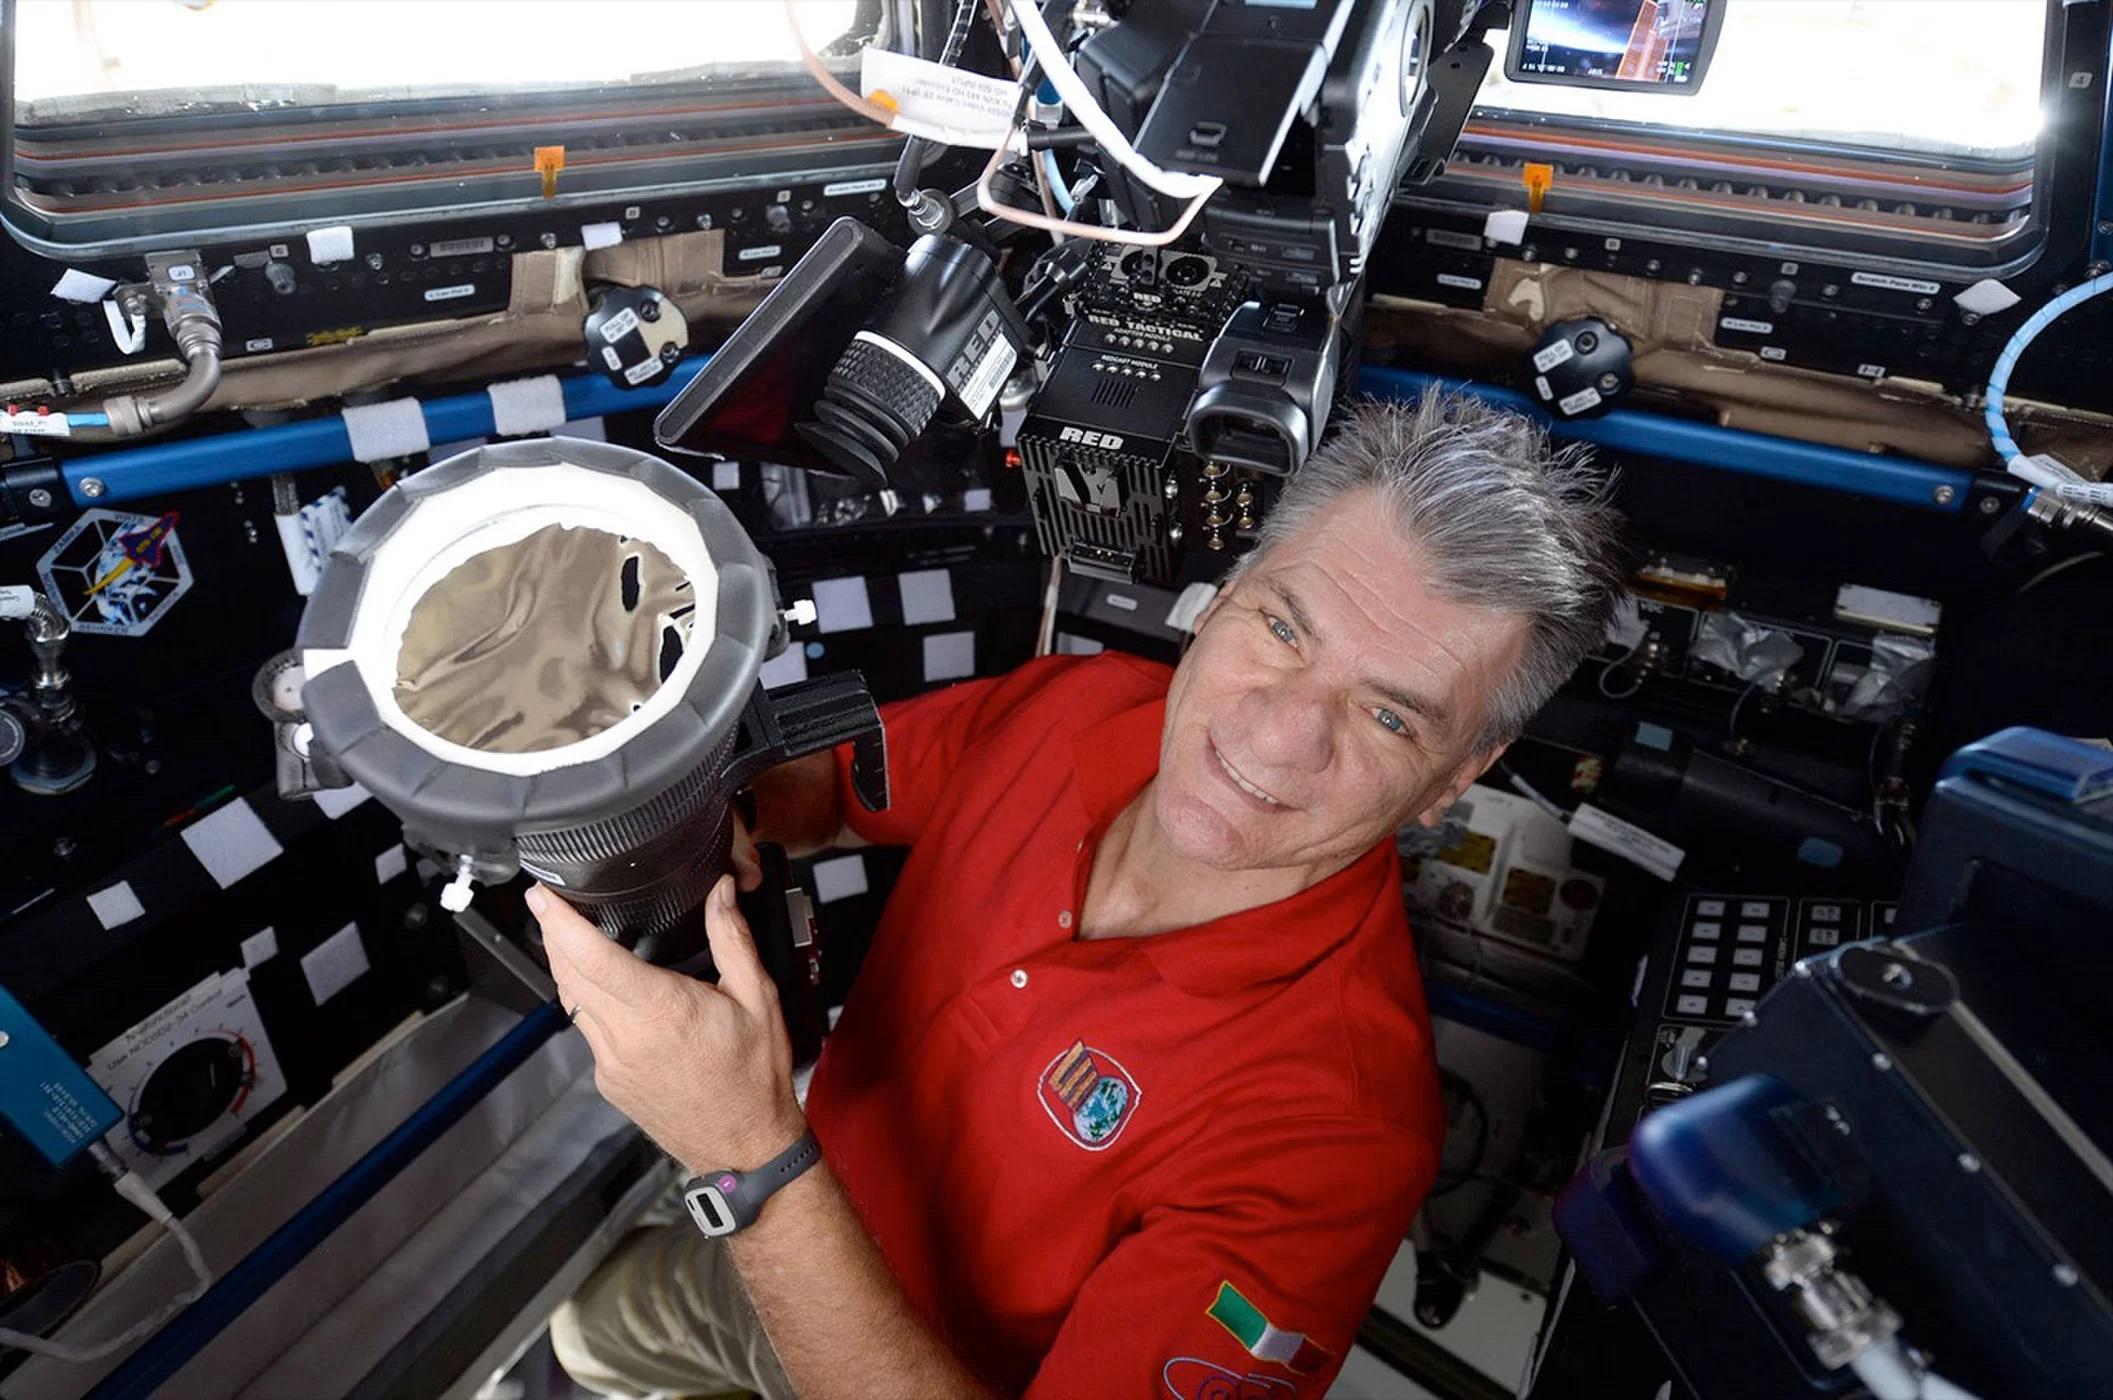 Paolo Nespoli przygotowuje swój aparat, wyposażony wsoczewki 400mm ifiltr przeciwsłoneczny, dozrobienia zdjęć zmodułu Cupola napokładzie ISS.